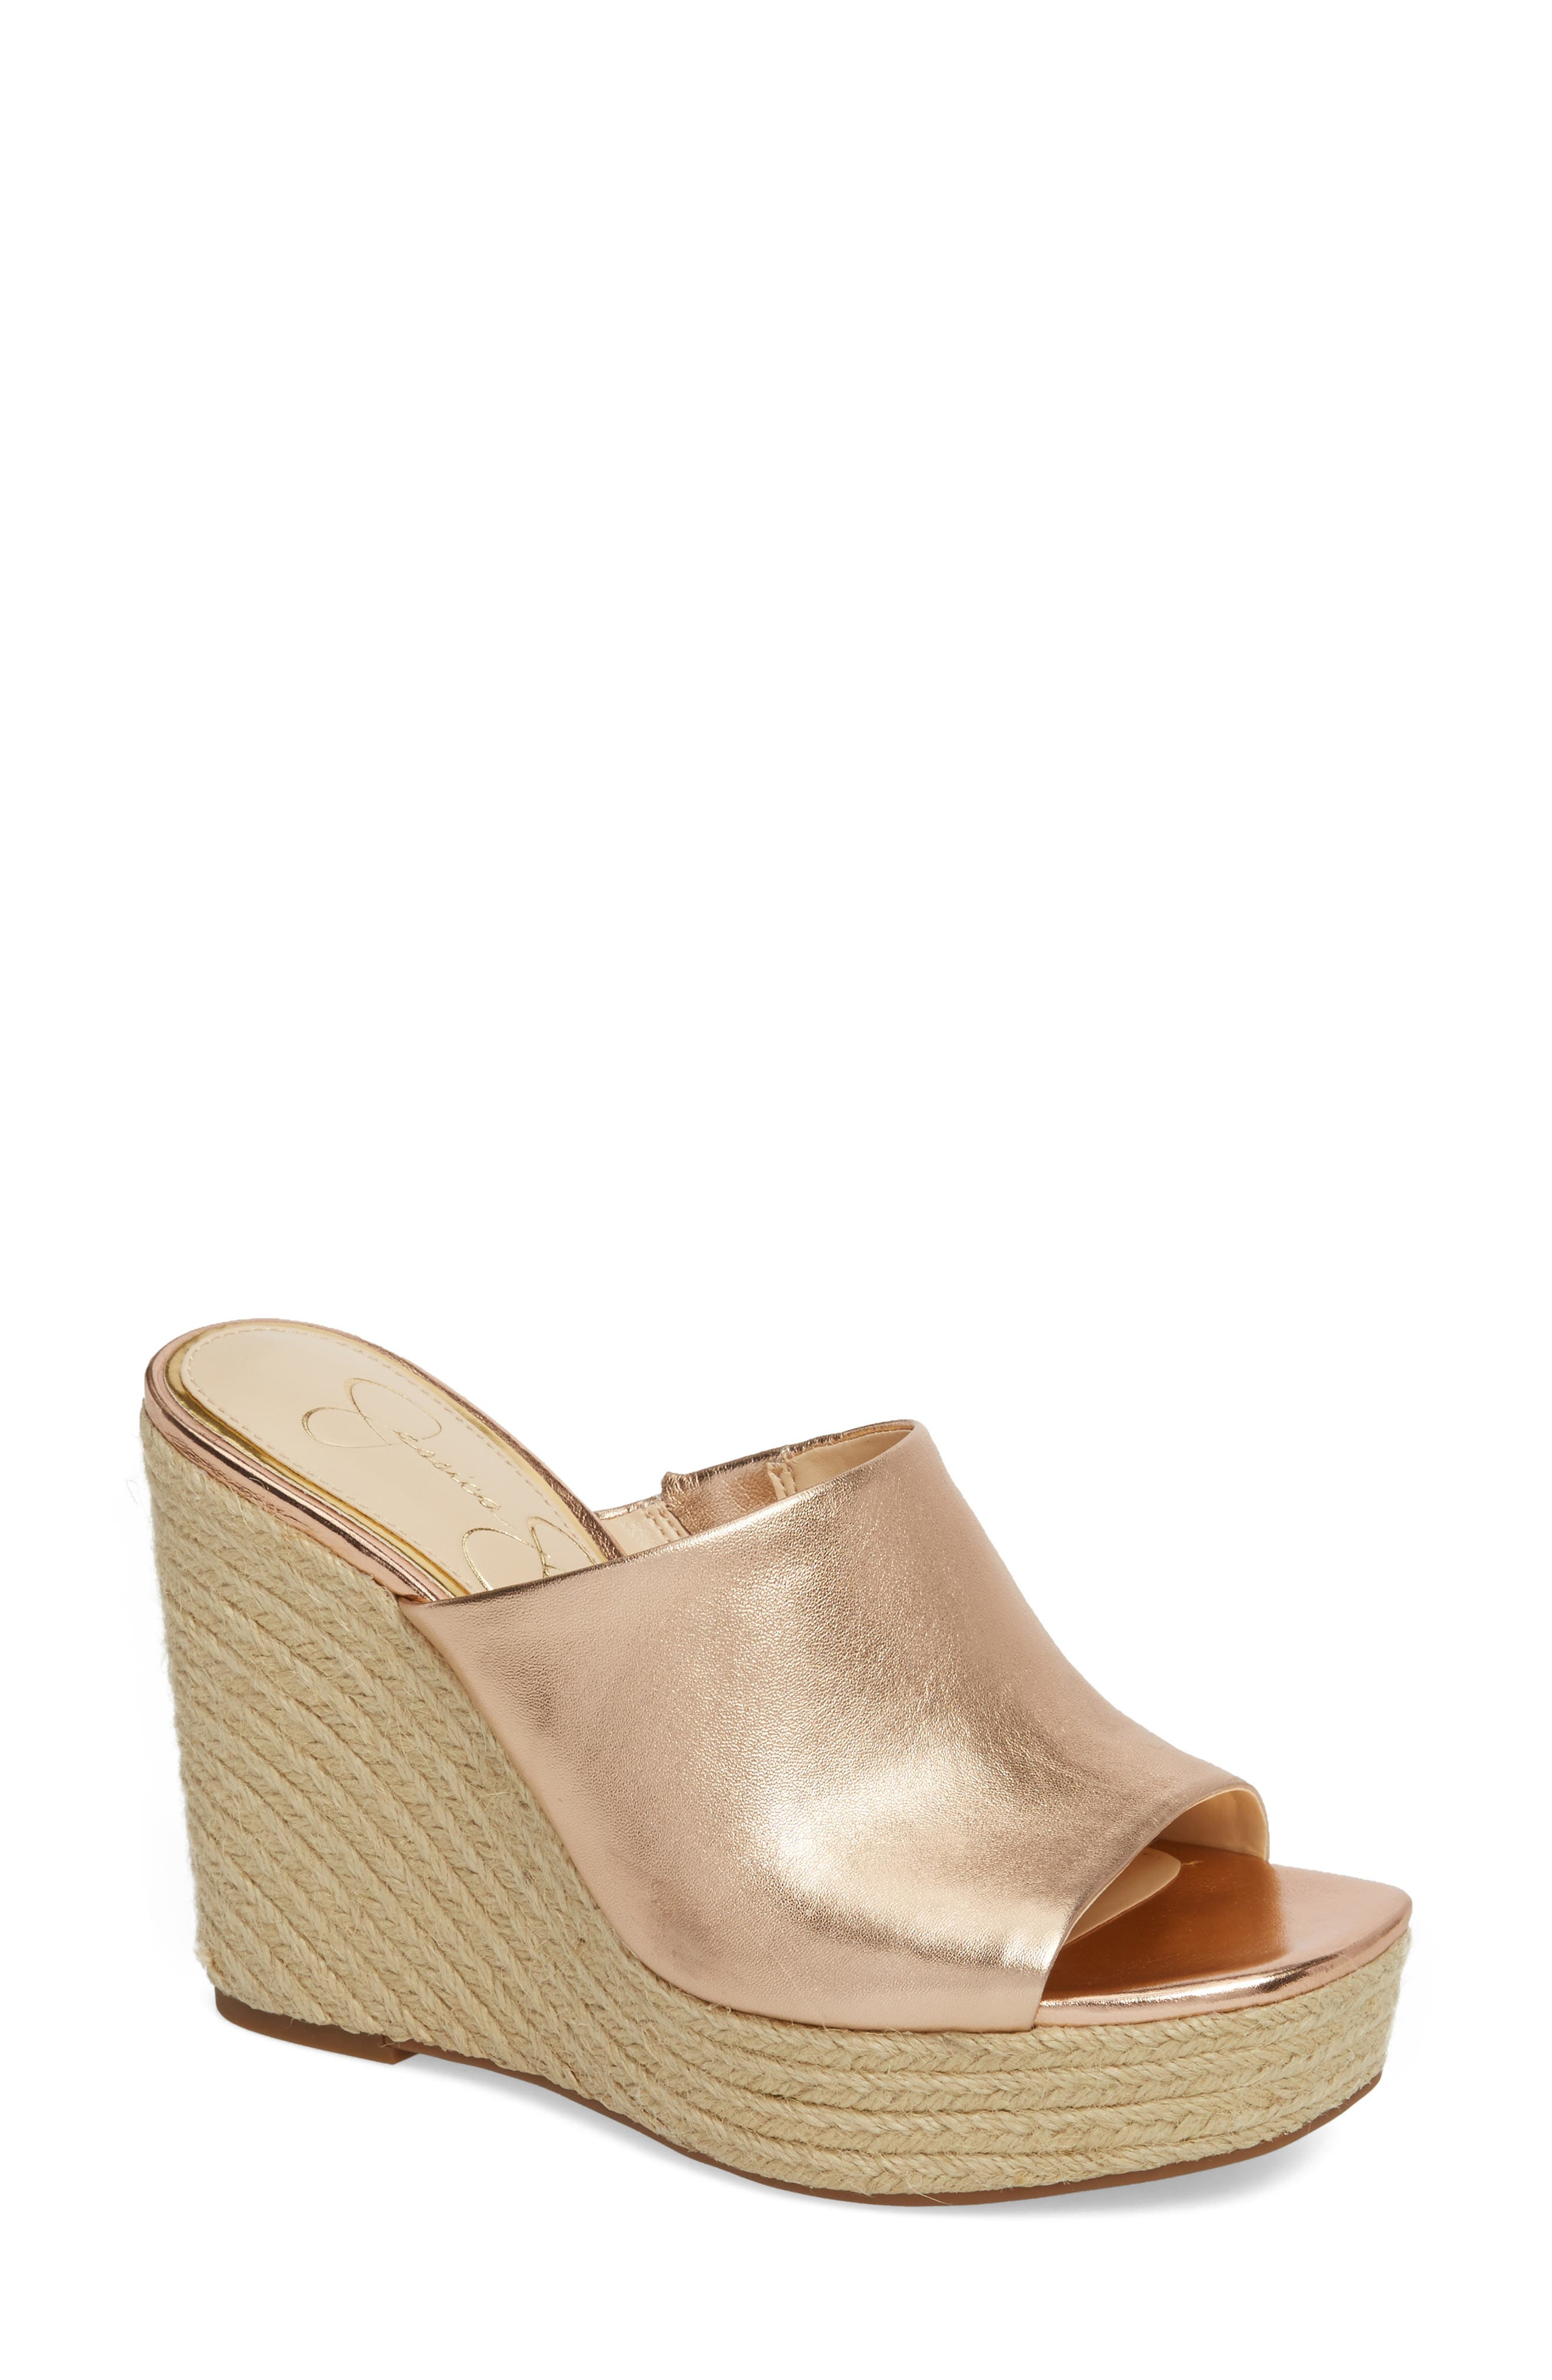 Sirella Platform Wedge Slide Sandal,                         Main,                         color, Pale Rose Go